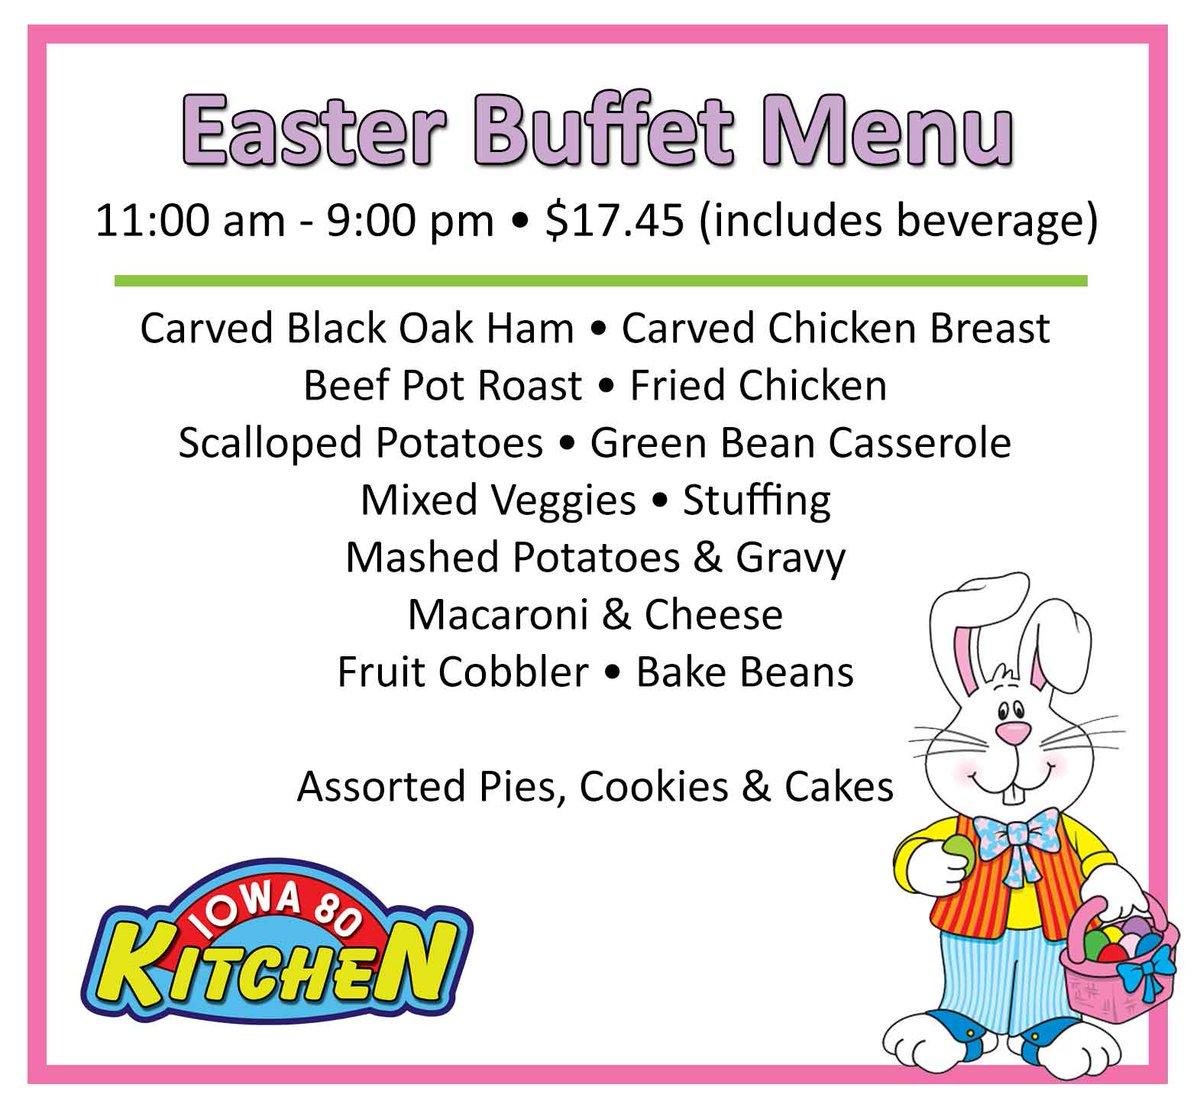 Iowa 80 Truckstop On Twitter Enjoy Easter Buffet At The Iowa 80 Kitchen Iowa80 Iowa80kitchen Easterbuffet Easterbrunch